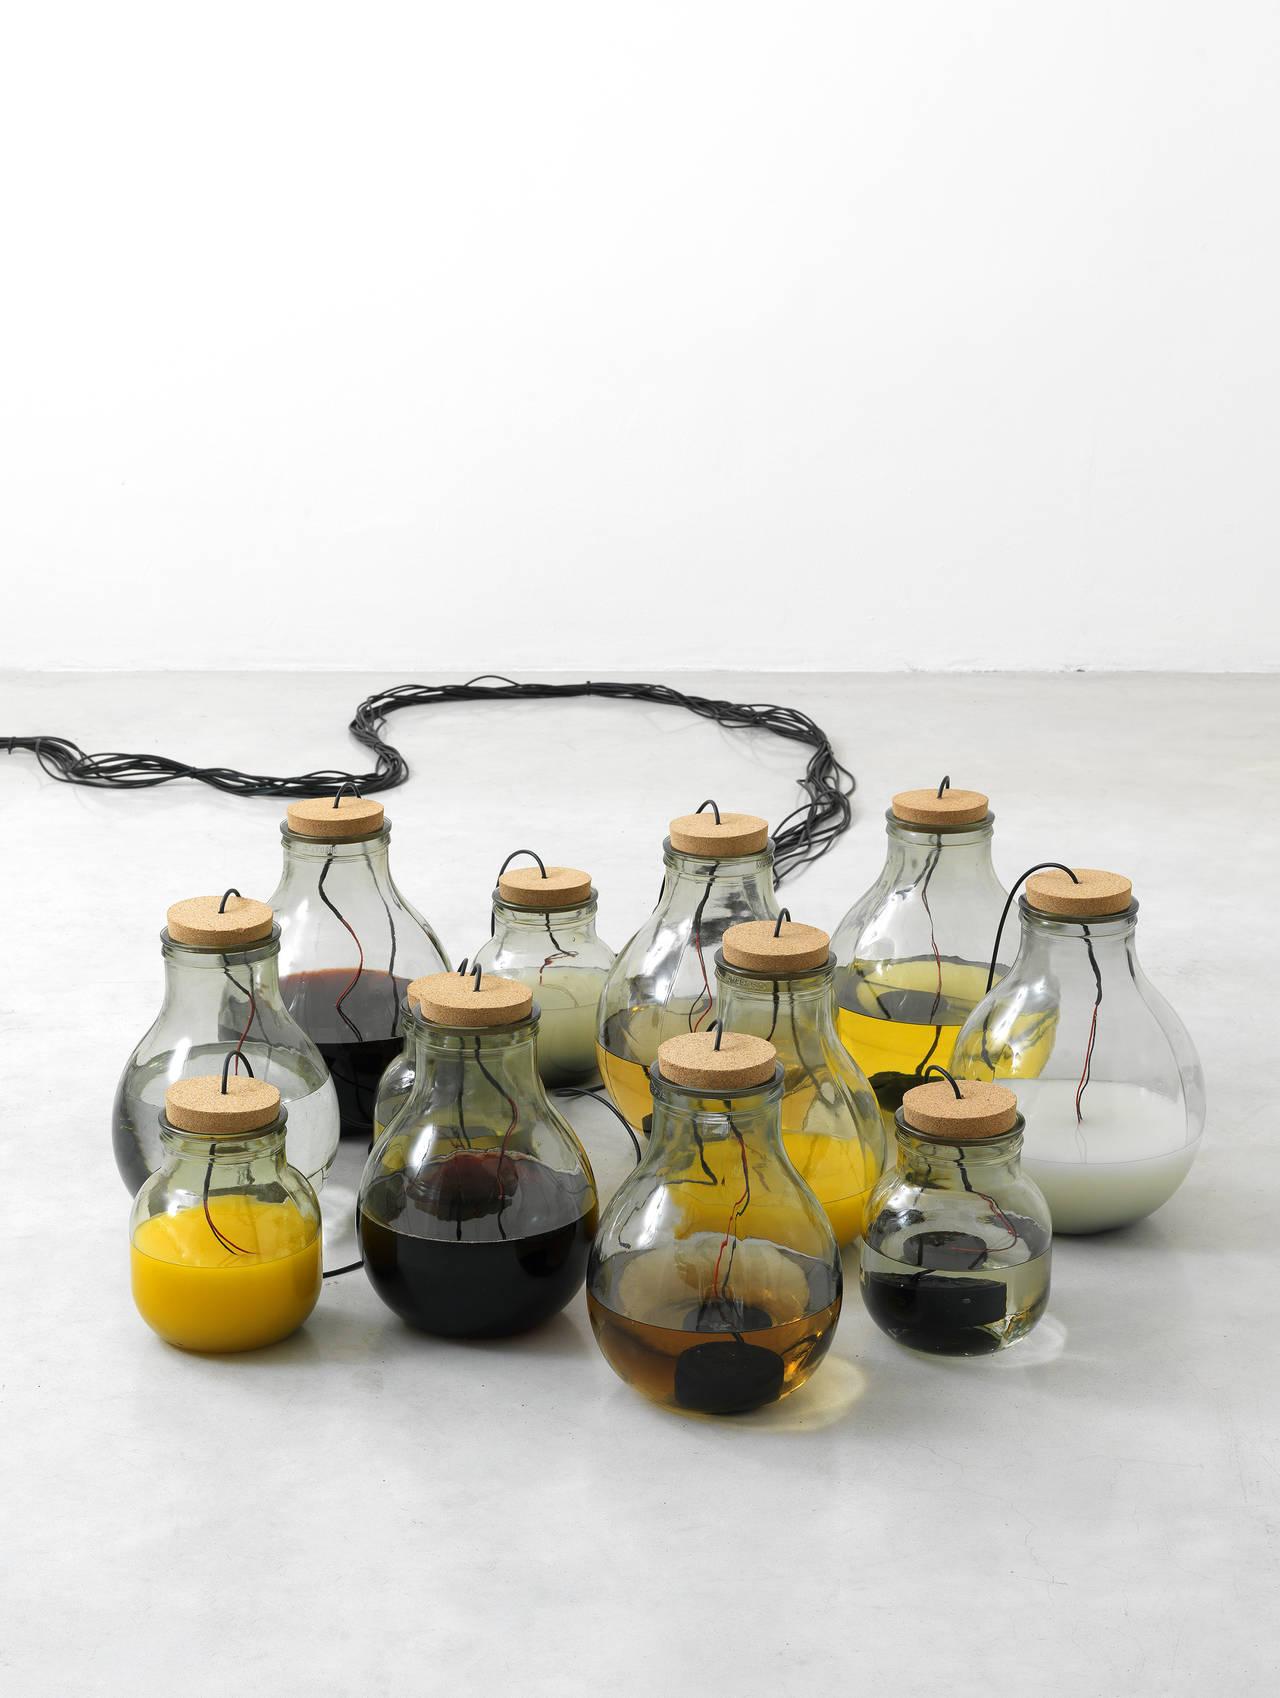 Roberto Pugliese, Fluide propagazioni alchemiche 2014, installazione sonora - Courtesy Studio la Città Verona - foto Michele Alberto Sereni